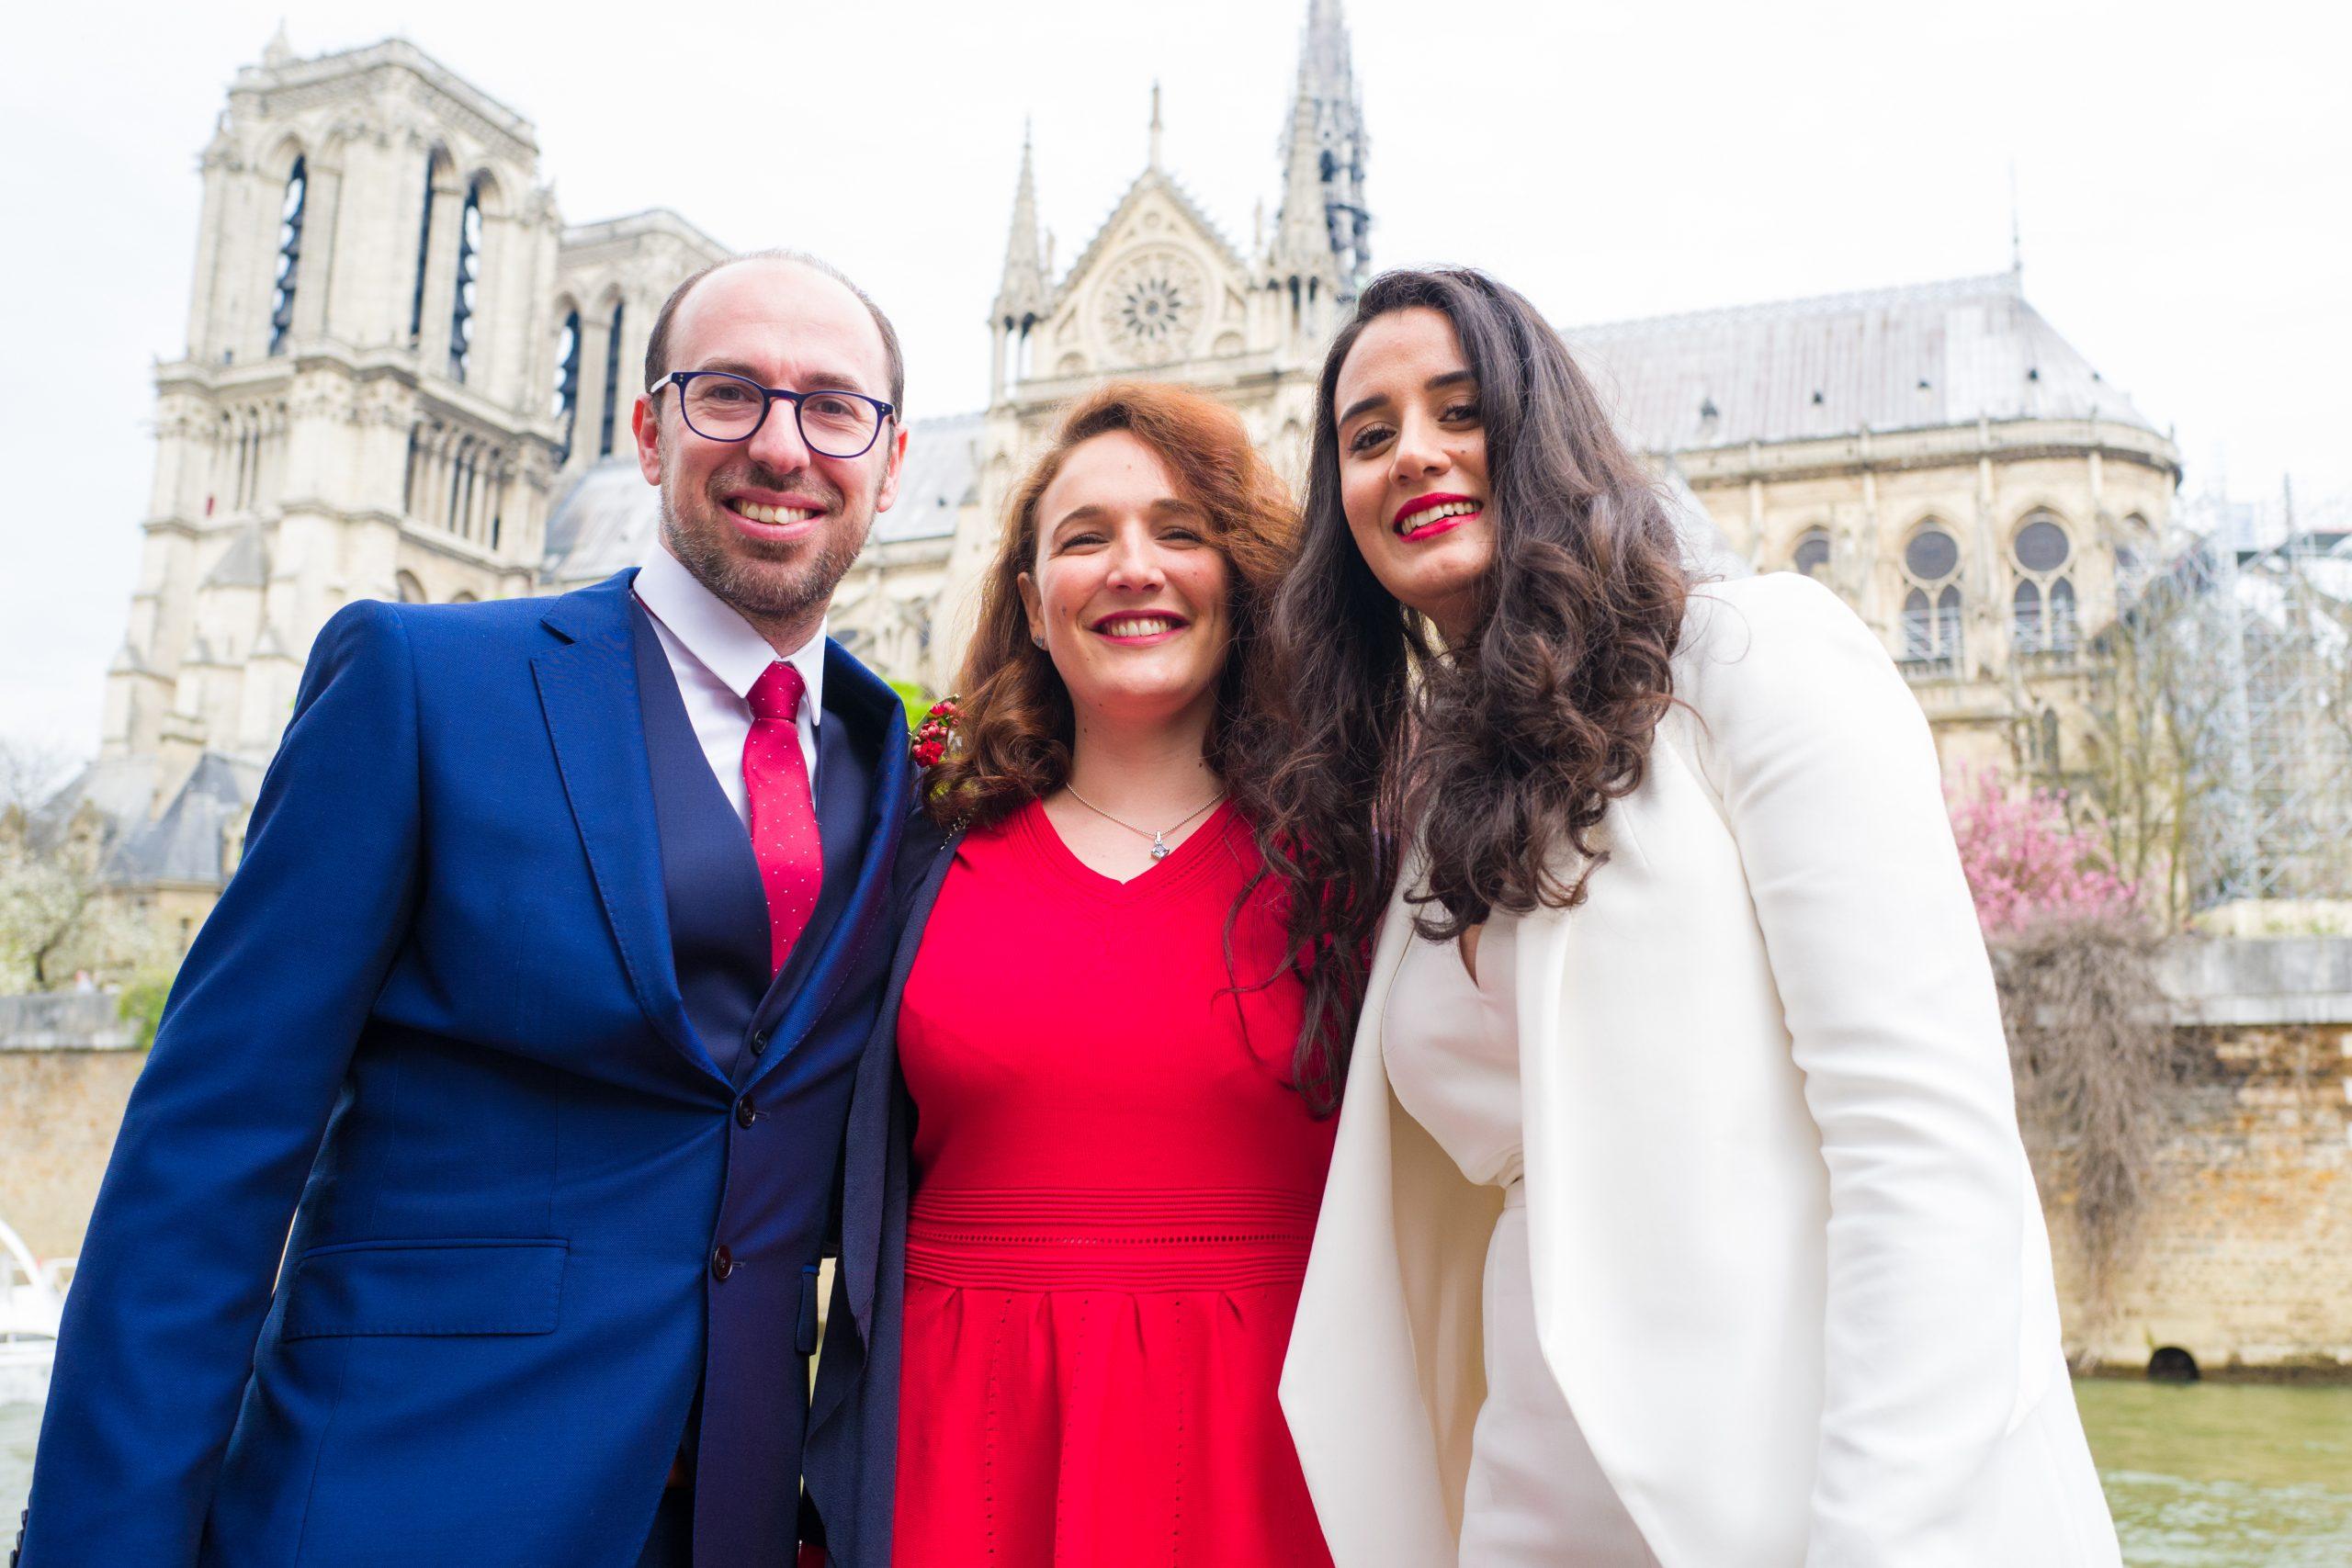 Photographie mariage - Séance couple - Photographe mariage - Paris- Montpellier - Nice - original - Notre dame